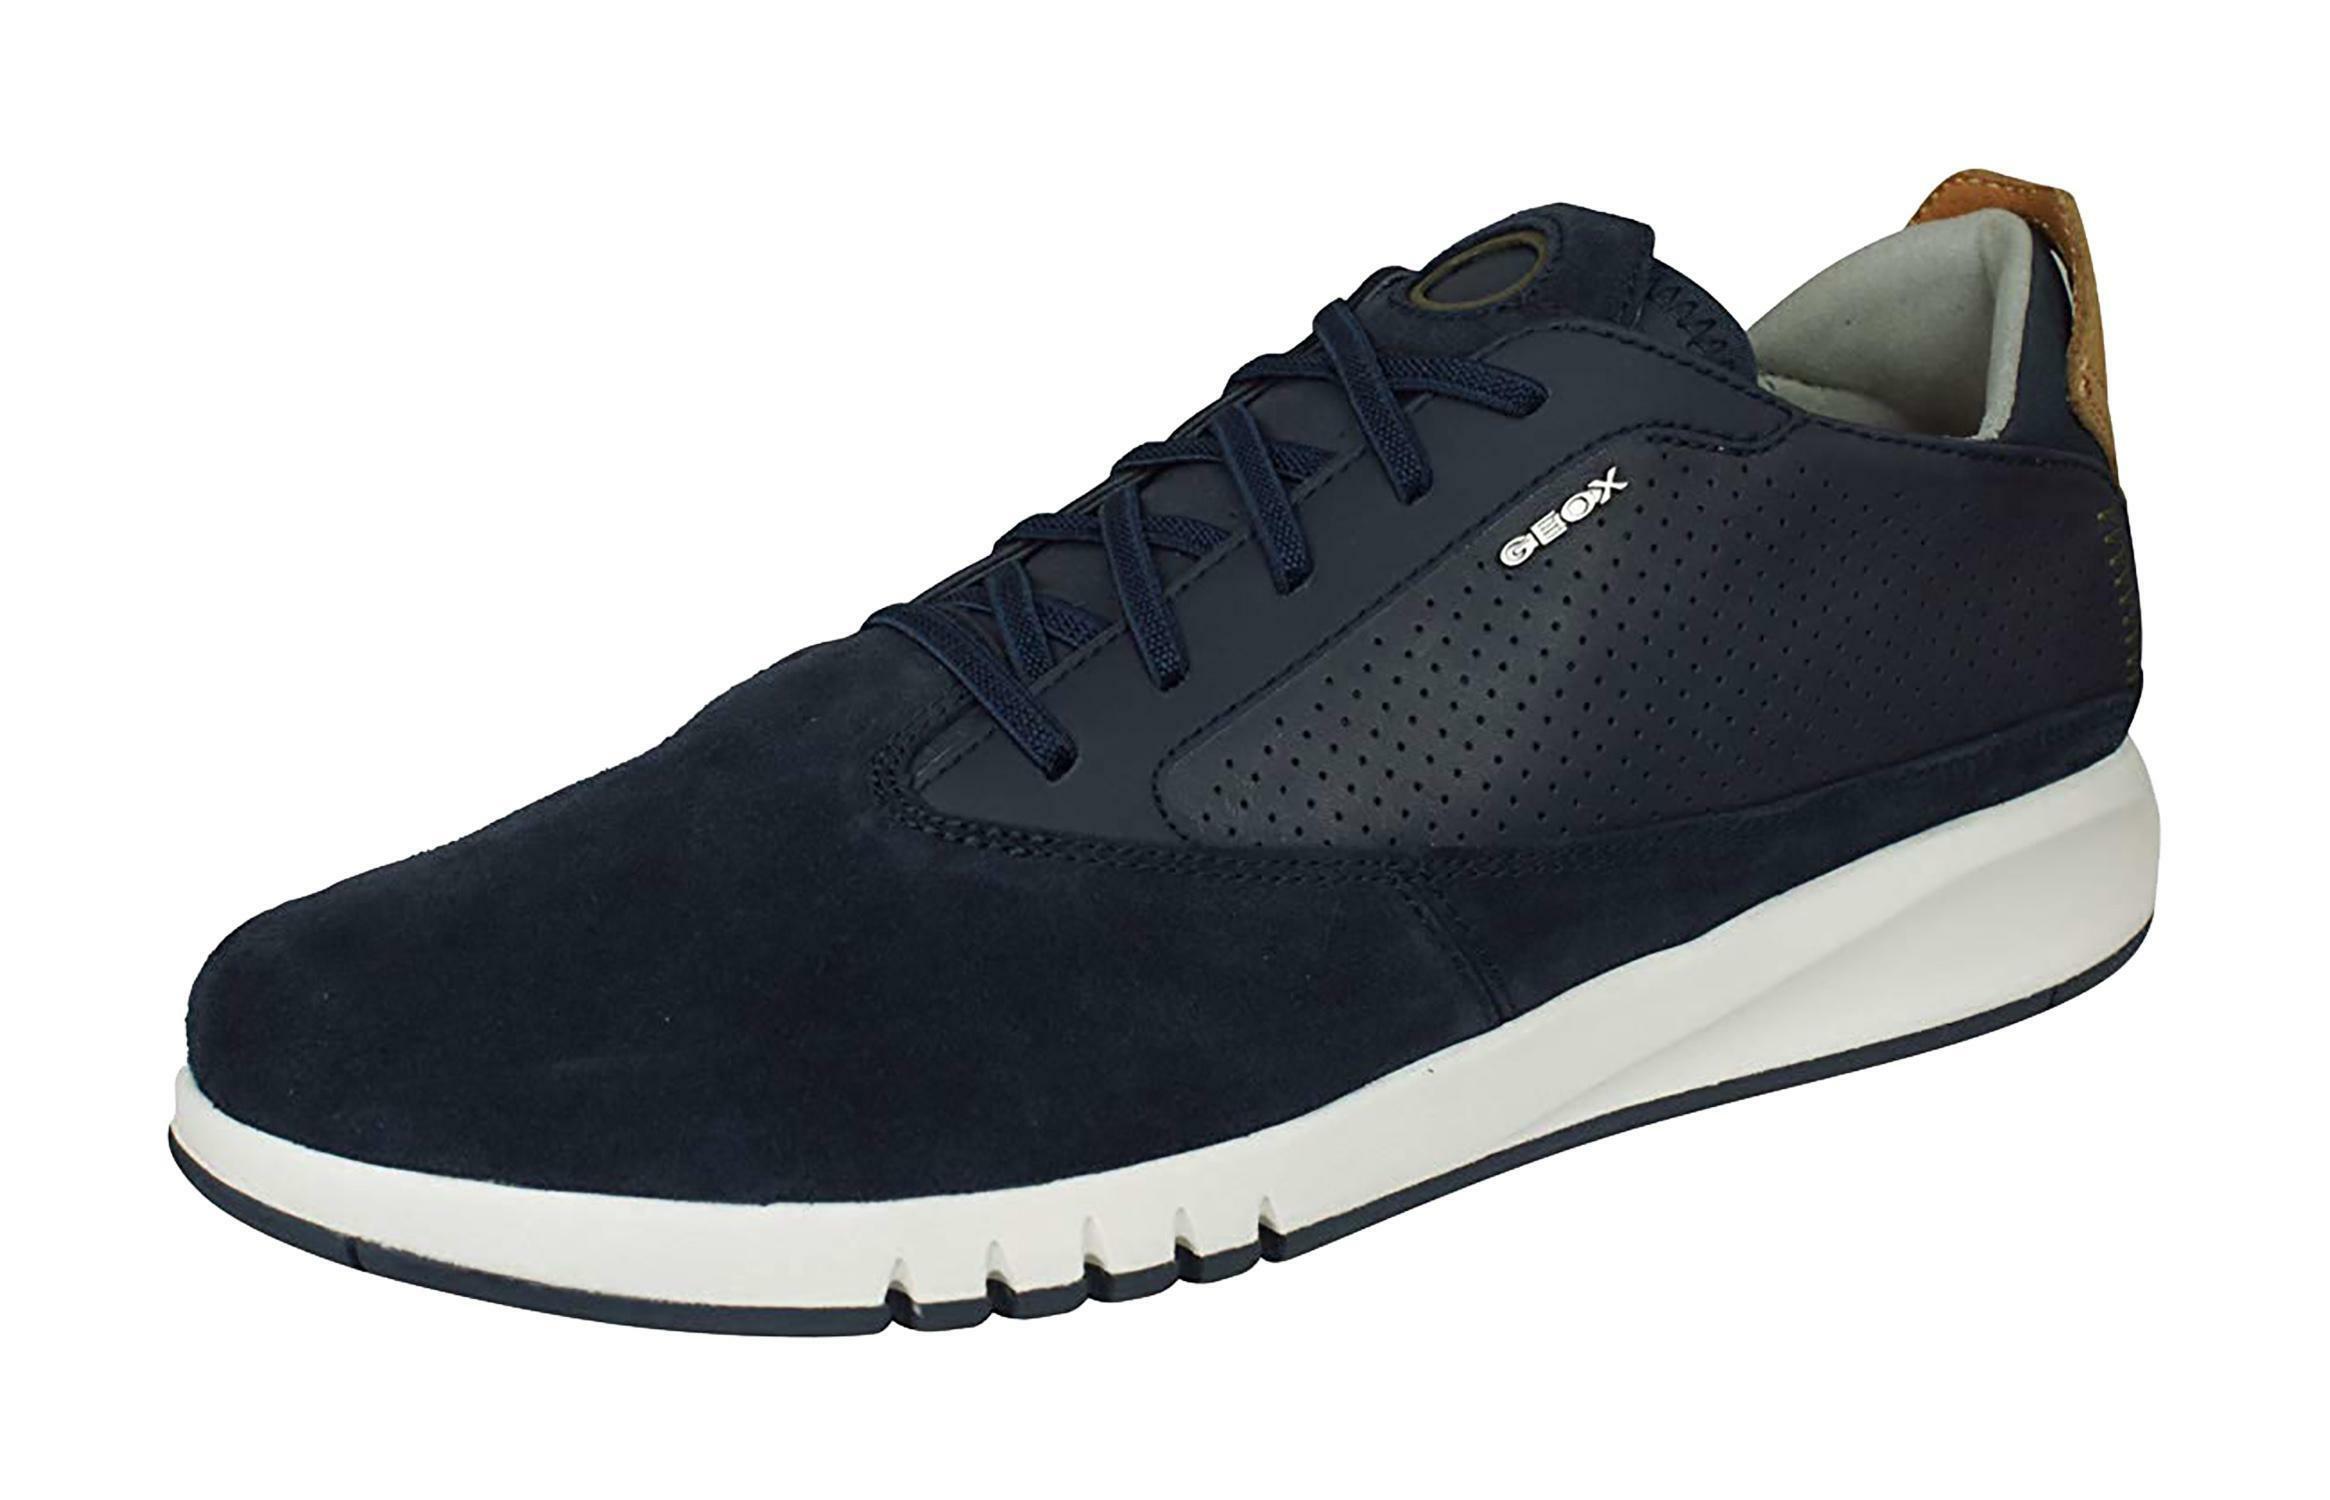 geox u aerantis a scarpe uomo blu u927fac4002